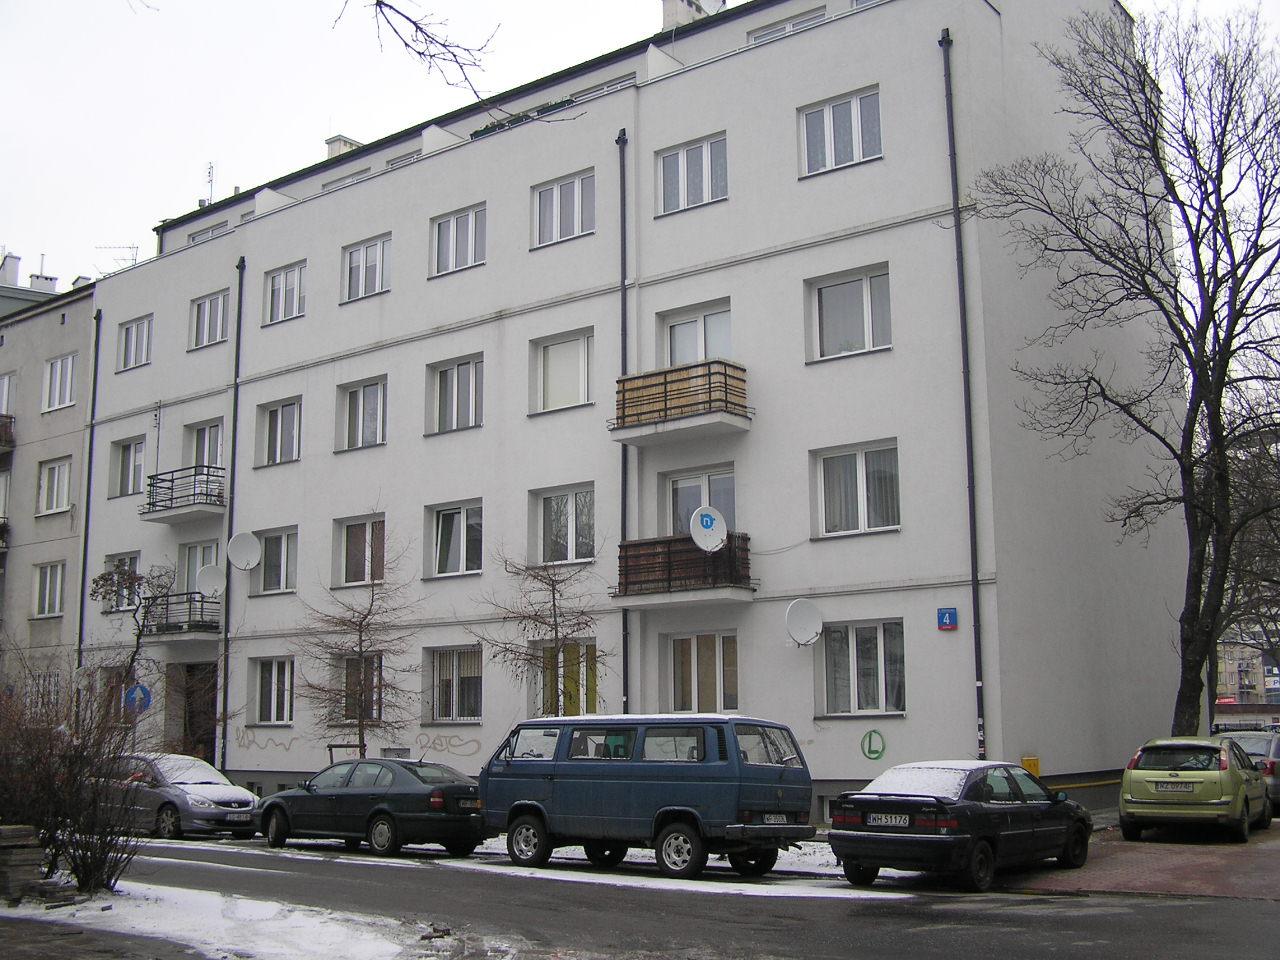 Kamienica przy ulicy Modrzewiowej 4 na Grochowie